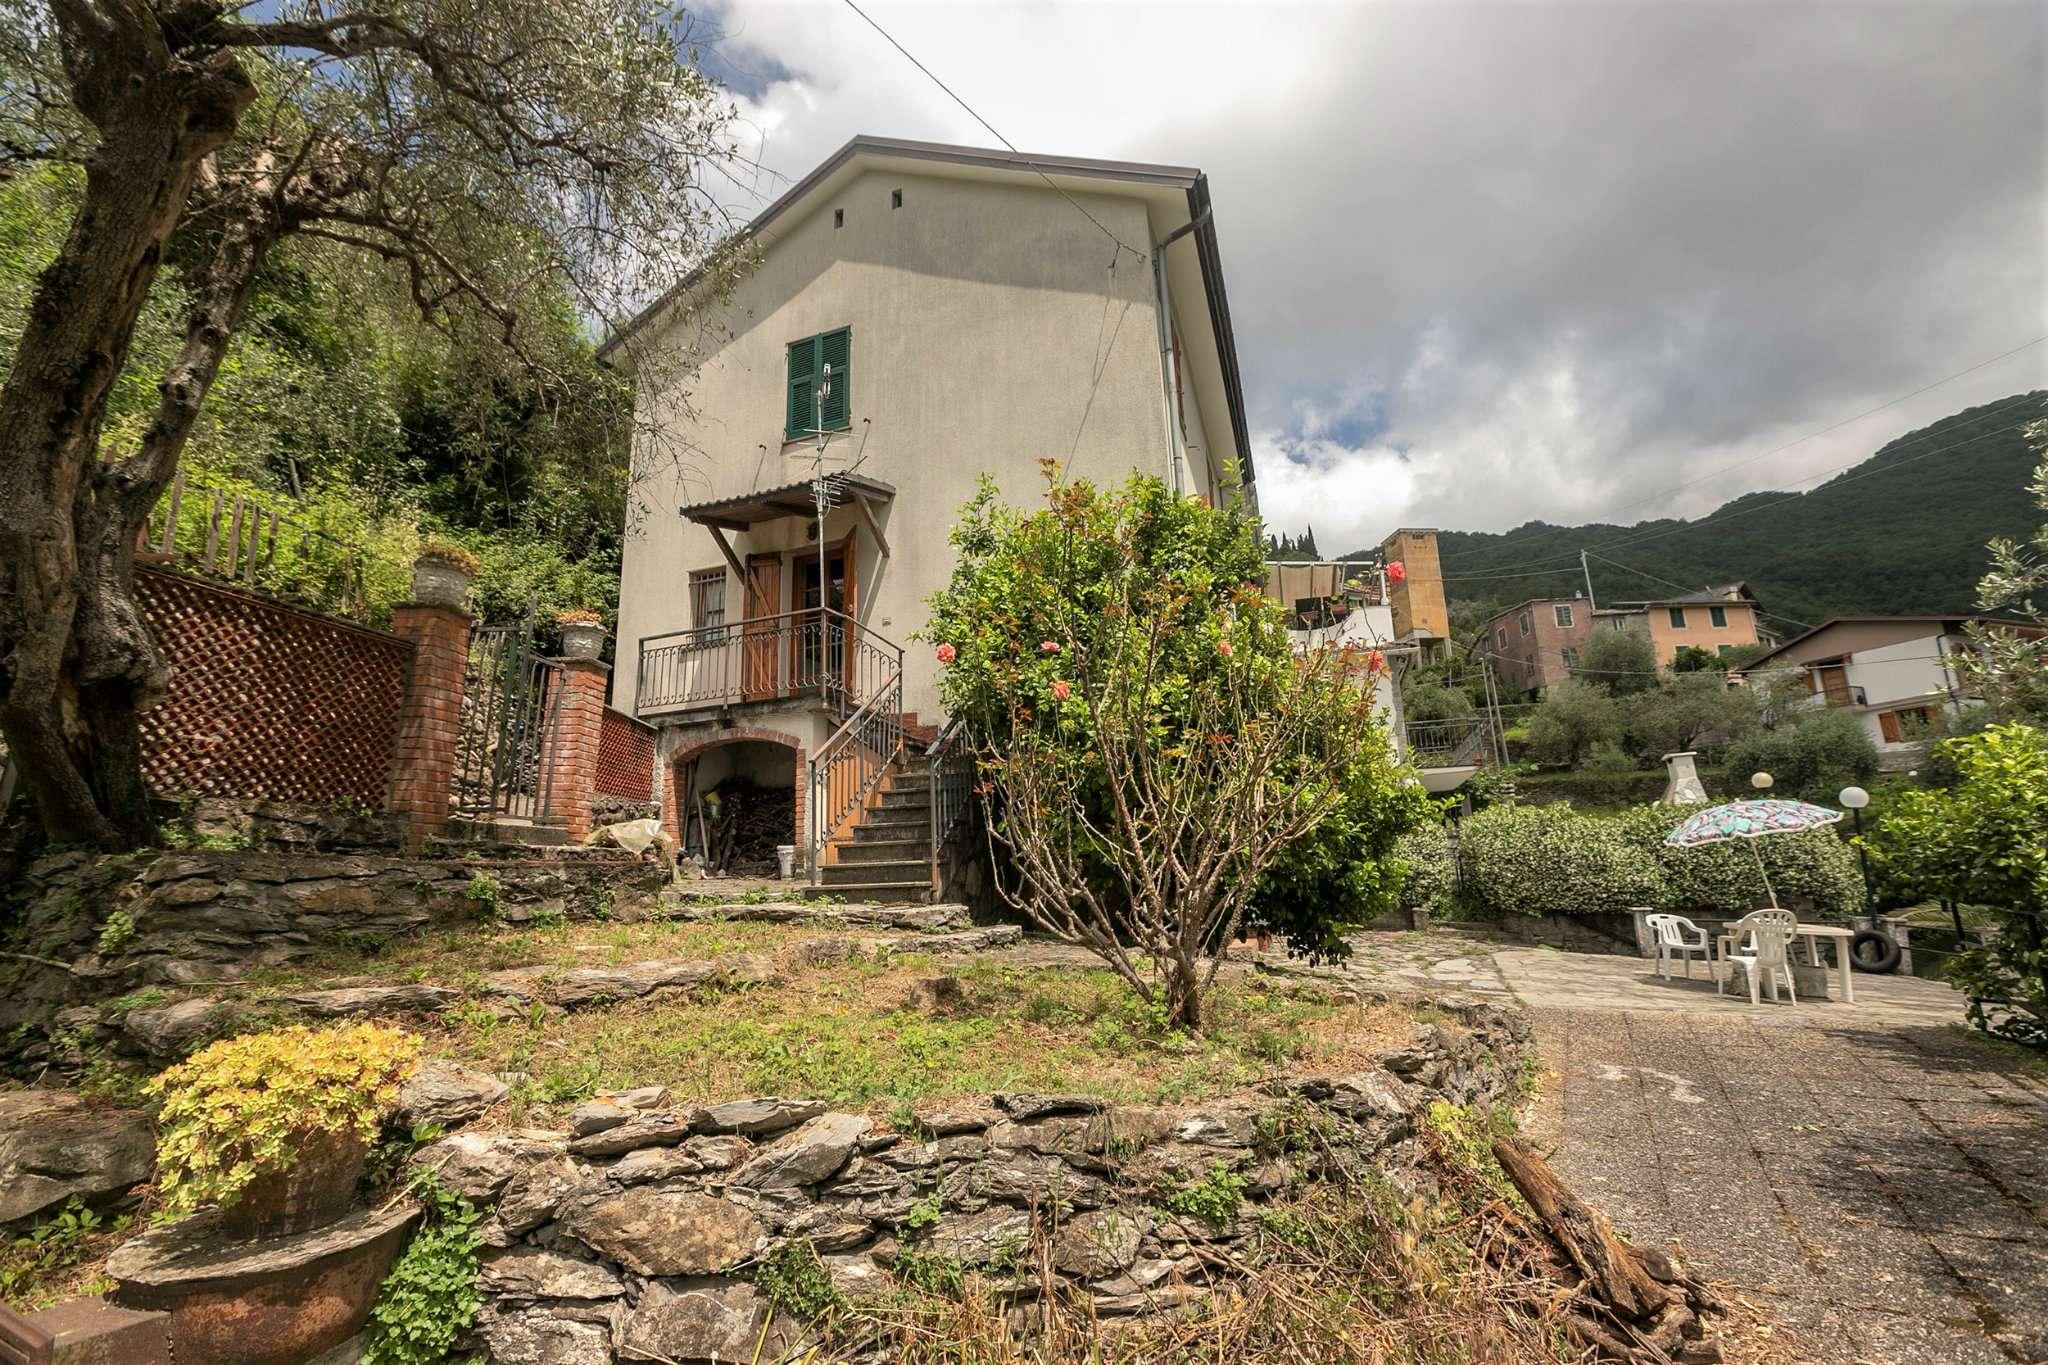 Foto 1 di Casa indipendente via Rosaiolo 23, frazione Avegno Chiesa, Avegno